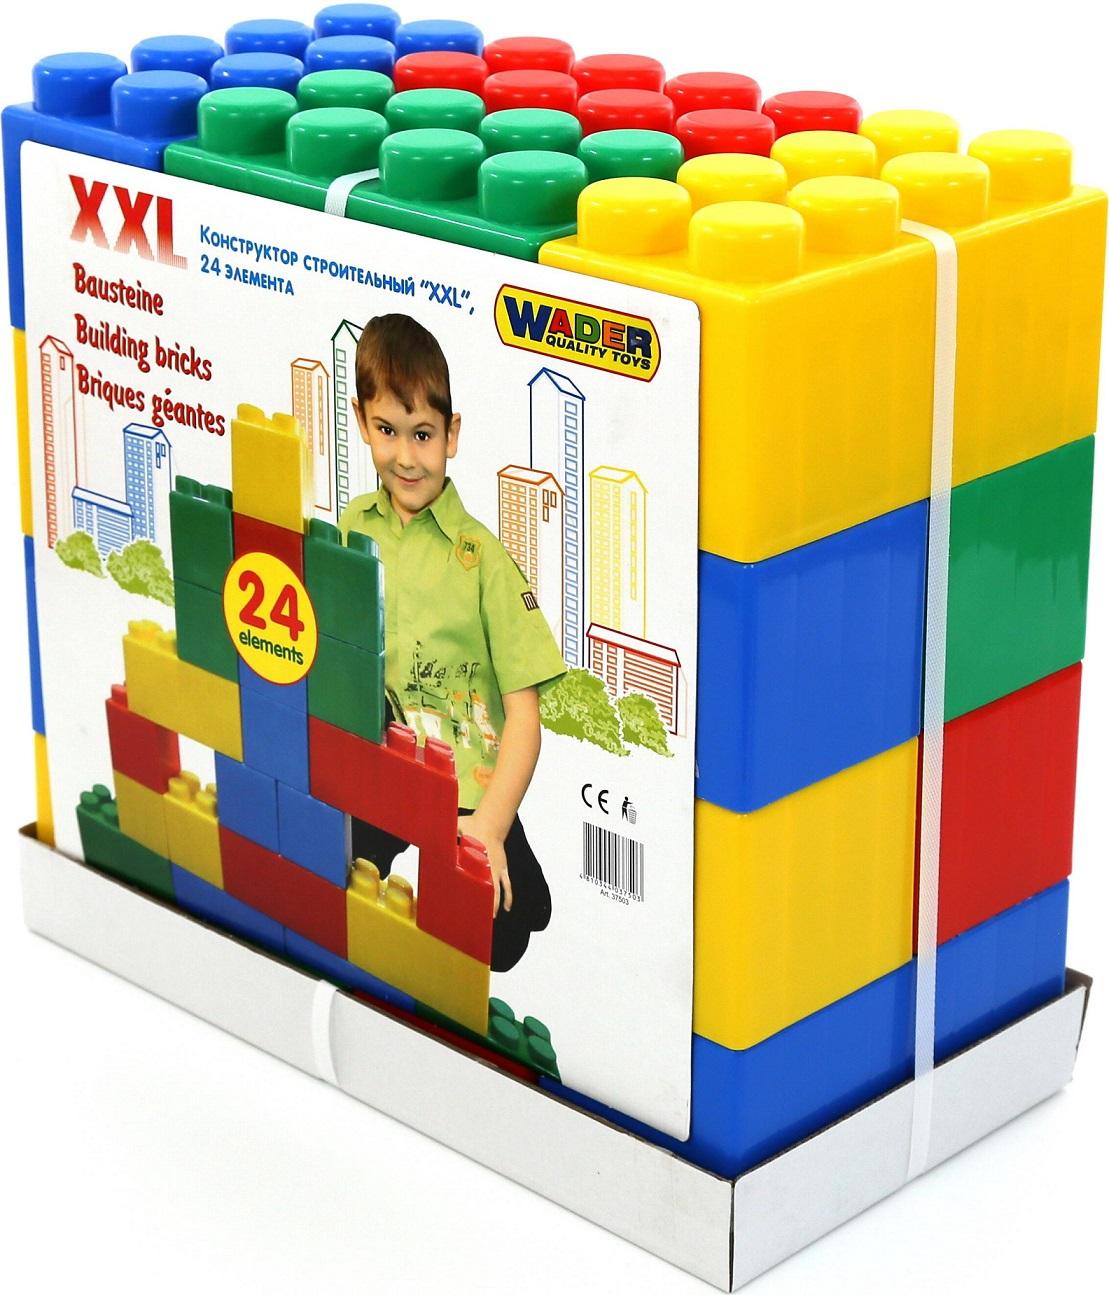 Конструктор строительный размер XXL, 24 элементаКонструкторы Полесье<br>Конструктор строительный размер XXL, 24 элемента<br>